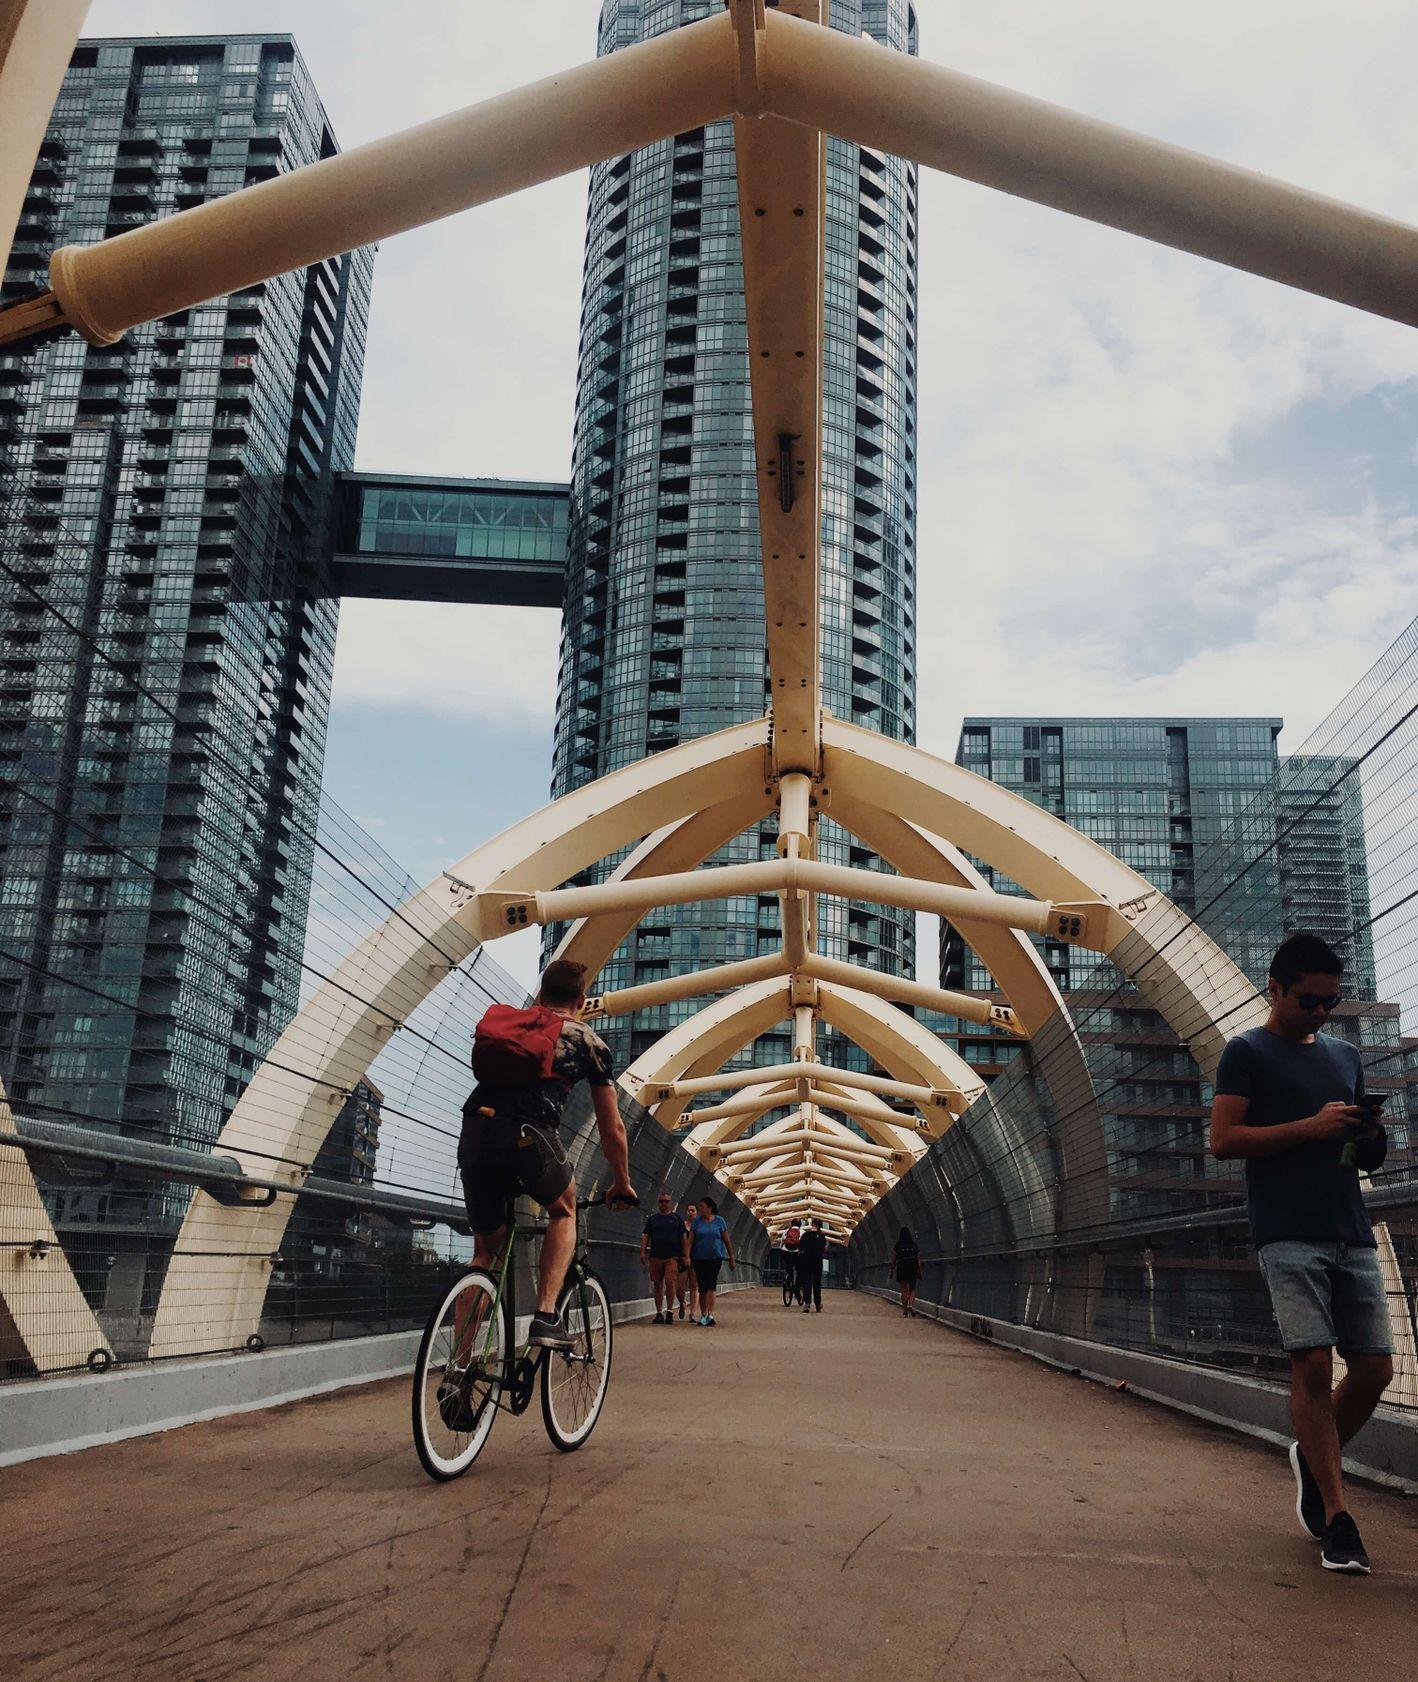 Nowoczesna ścieżka rowerowa (fot. Joshua Chua)